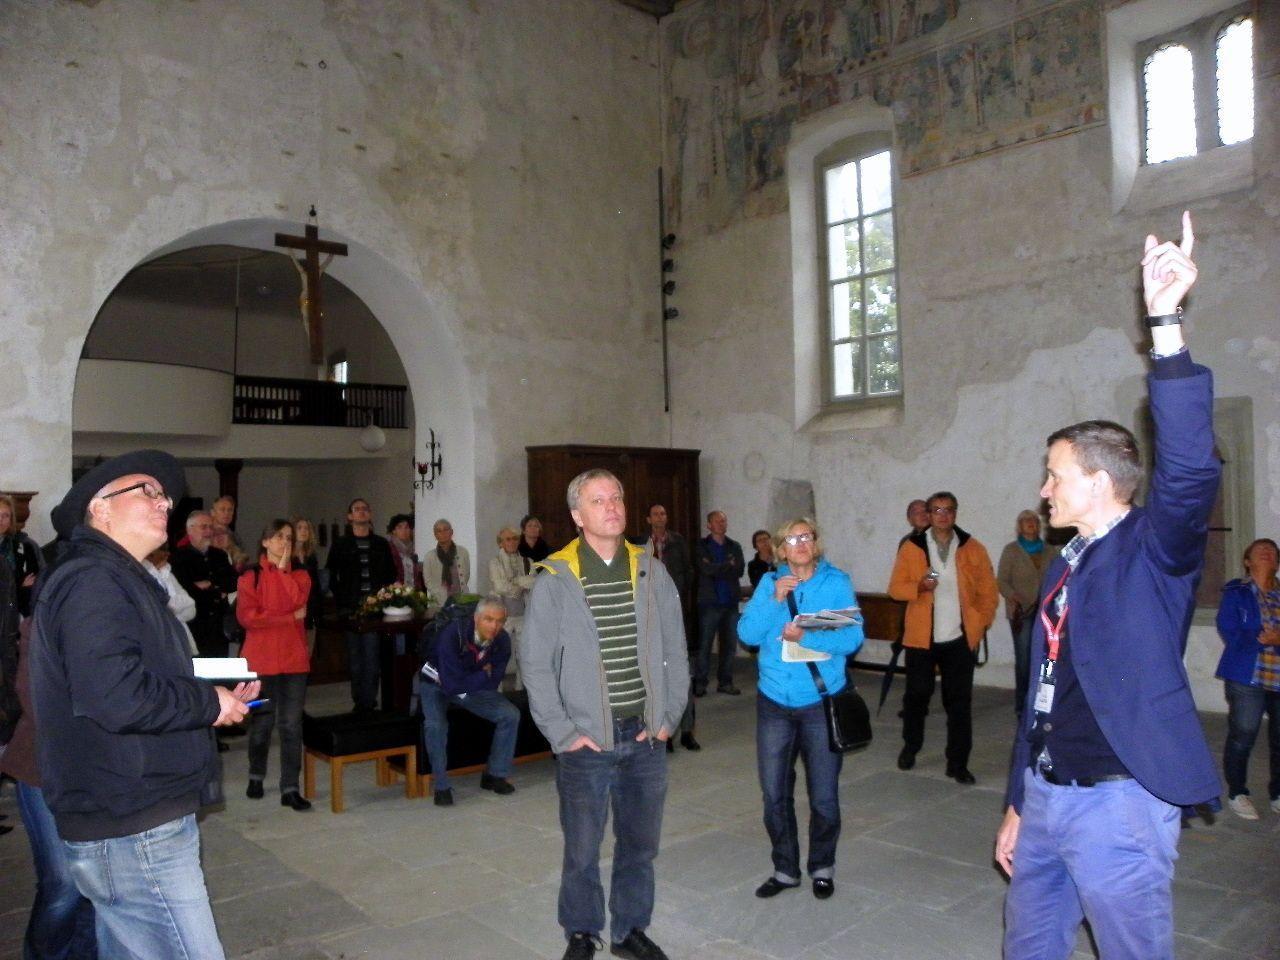 Stadtarchivar Thomas Klagian erklärte den Besuchern die Entstehung der Wandmalereien